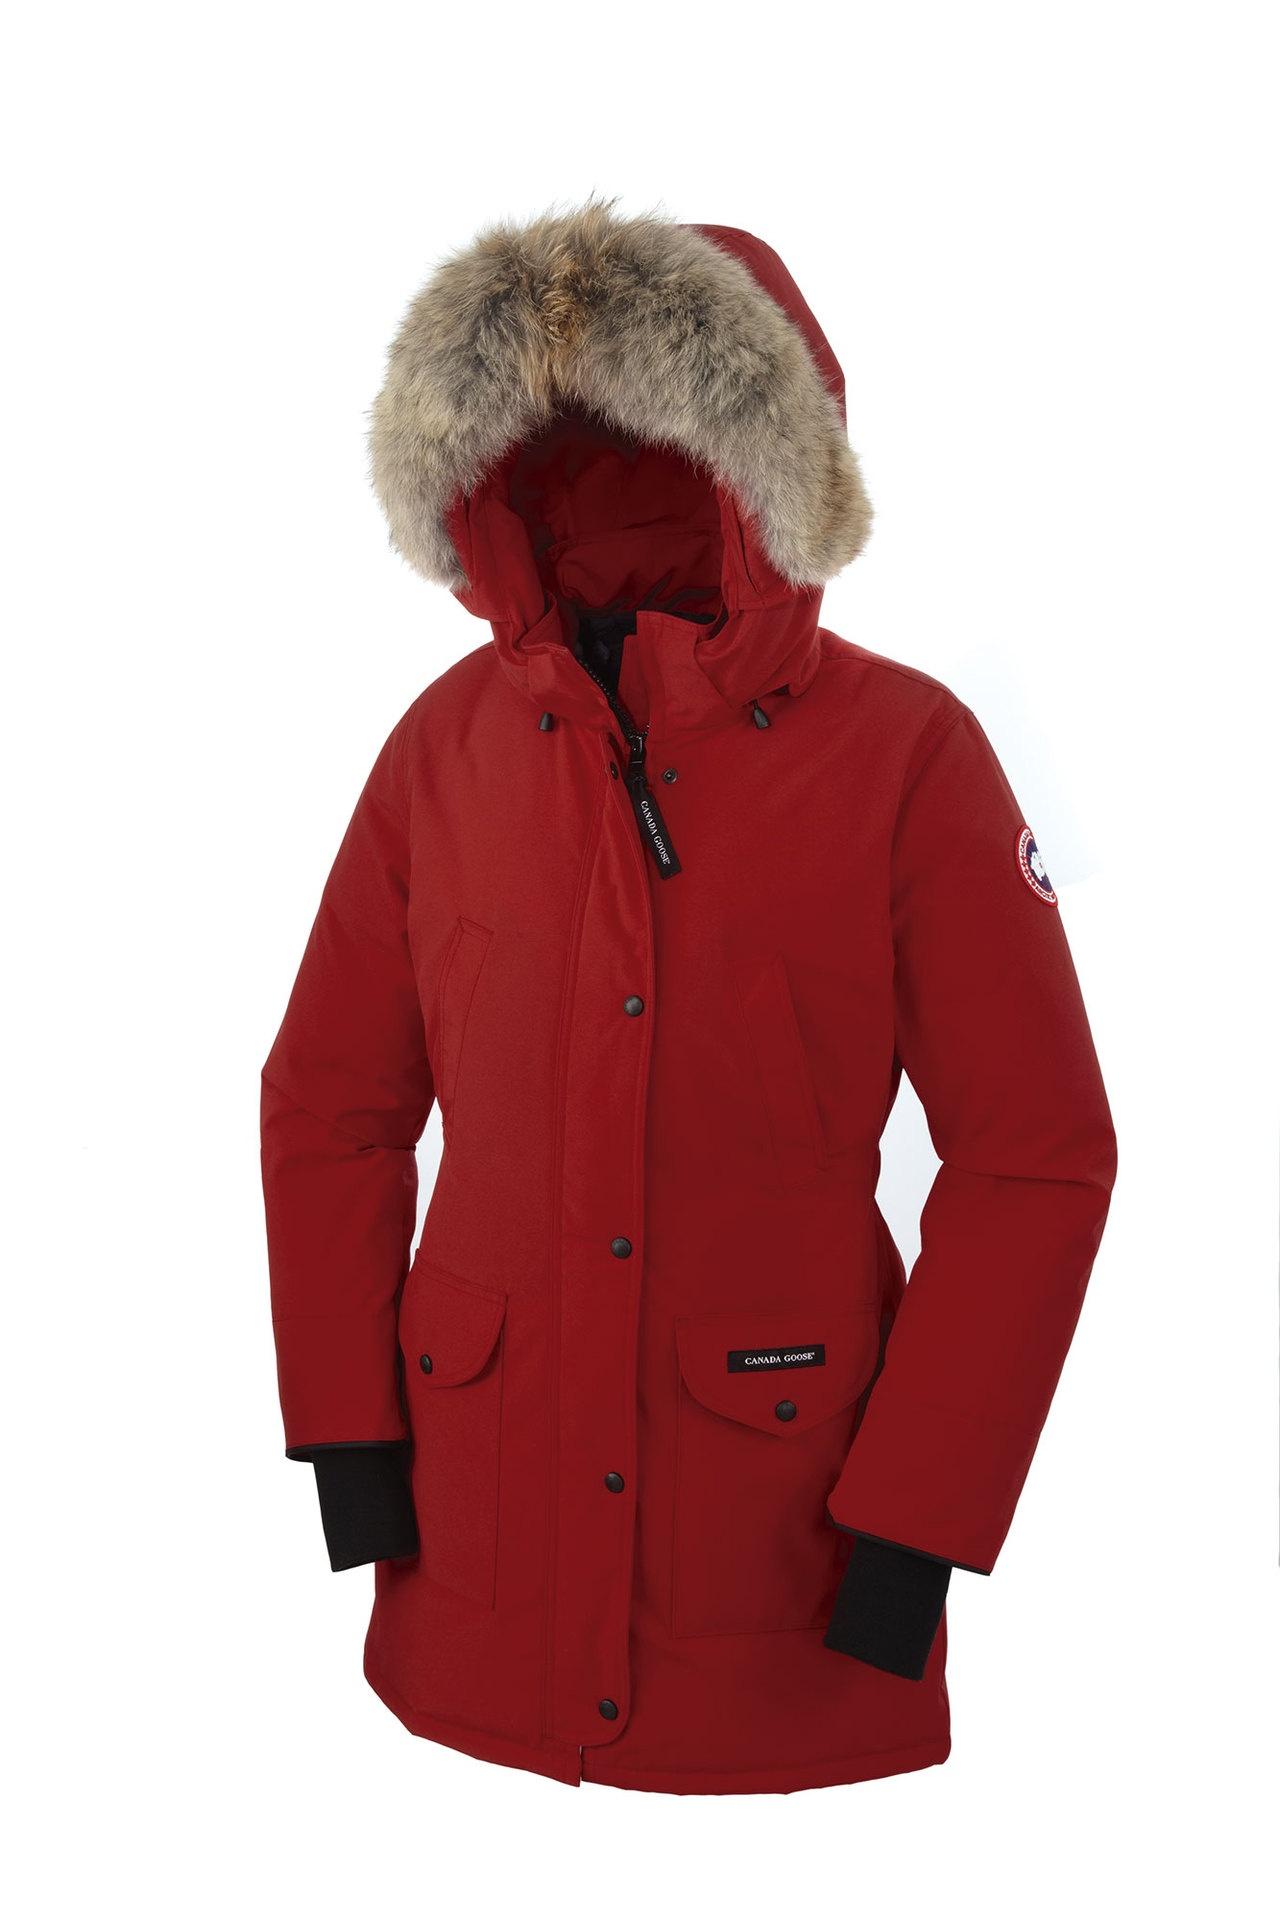 canada goose jacket 'trillium parka 6550l